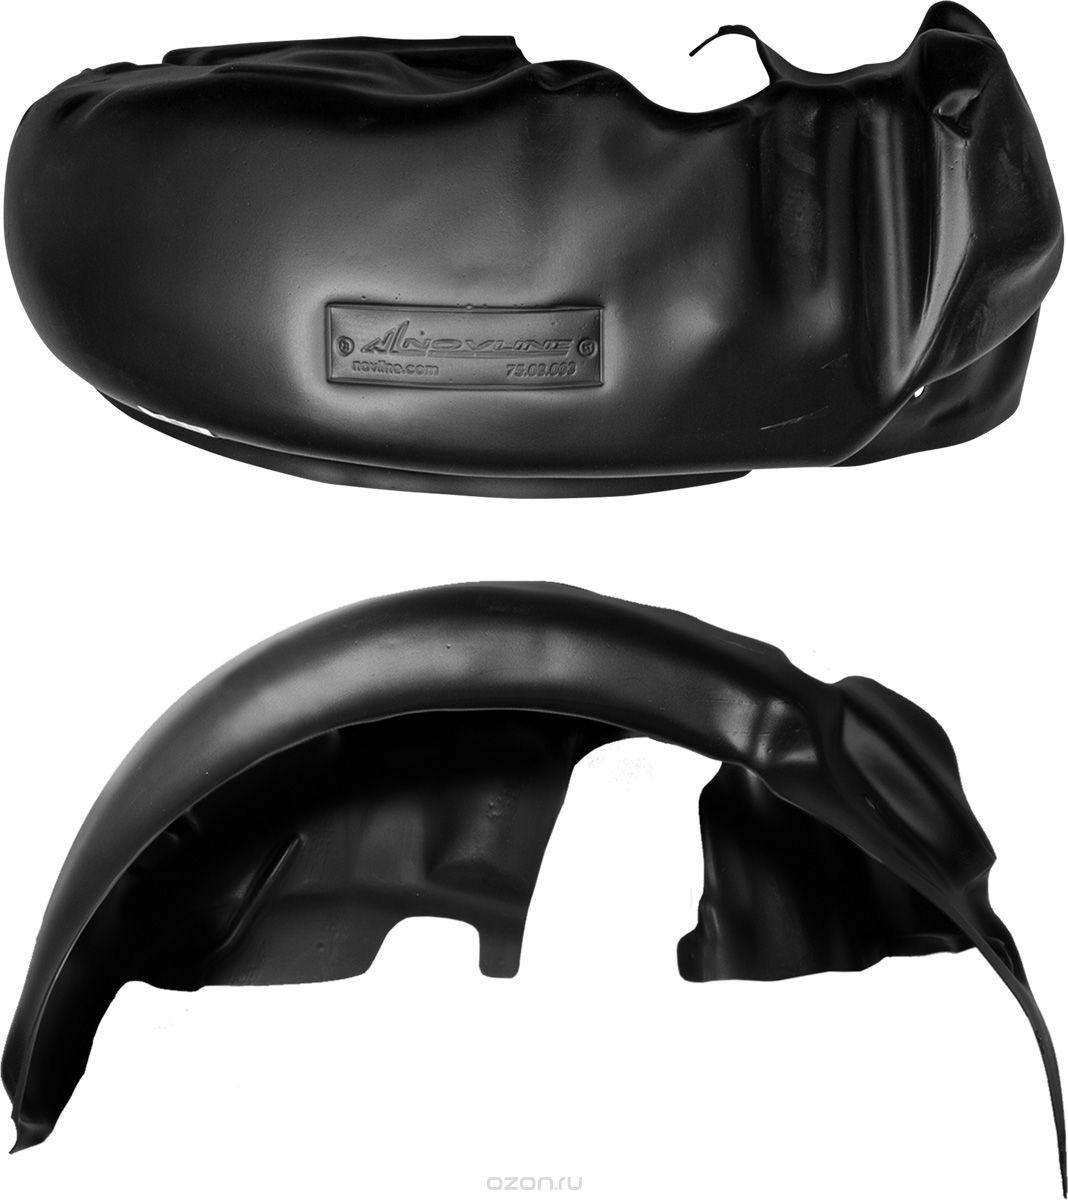 Подкрылок Novline-Autofamily, для GREAT WALL Hover H6, 2013->, передний правыйNLL.59.11.002Идеальная защита колесной ниши. Локеры разработаны с применением цифровых технологий, гарантируют максимальную повторяемость поверхности арки. Изделия устанавливаются без нарушения лакокрасочного покрытия автомобиля, каждый подкрылок комплектуется крепежом. Уважаемые клиенты, обращаем ваше внимание, что фотографии на подкрылки универсальные и не отражают реальную форму изделия. При этом само изделие идет точно под размер указанного автомобиля.